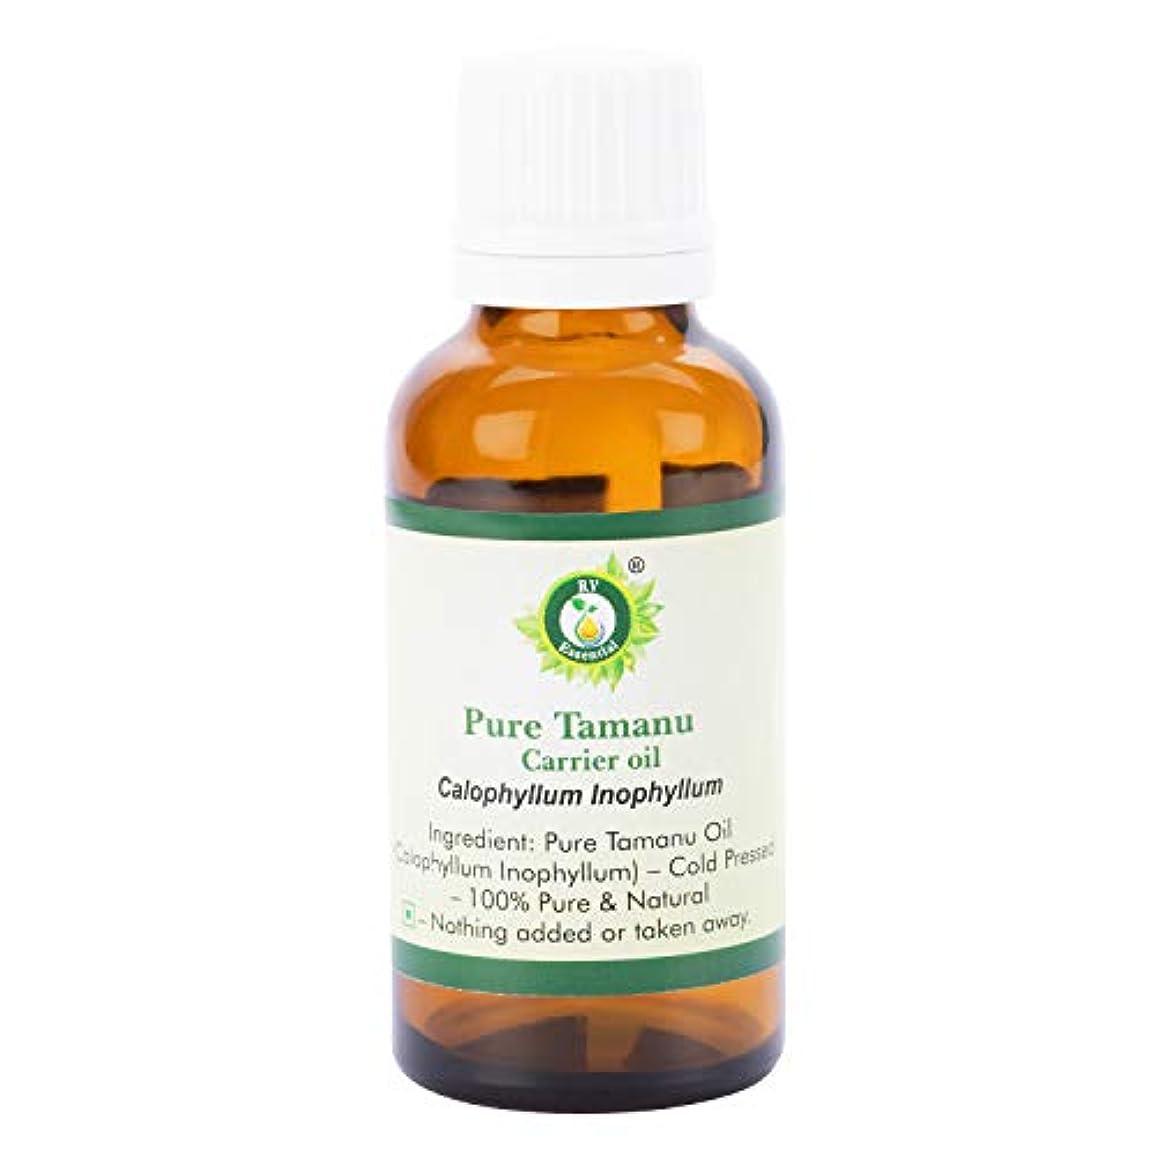 おなかがすいた情報先行するピュアTamanuキャリアオイル50ml (1.69oz)- Calophyllum Inophyllum (100%ピュア&ナチュラルコールドPressed) Pure Tamanu Carrier Oil